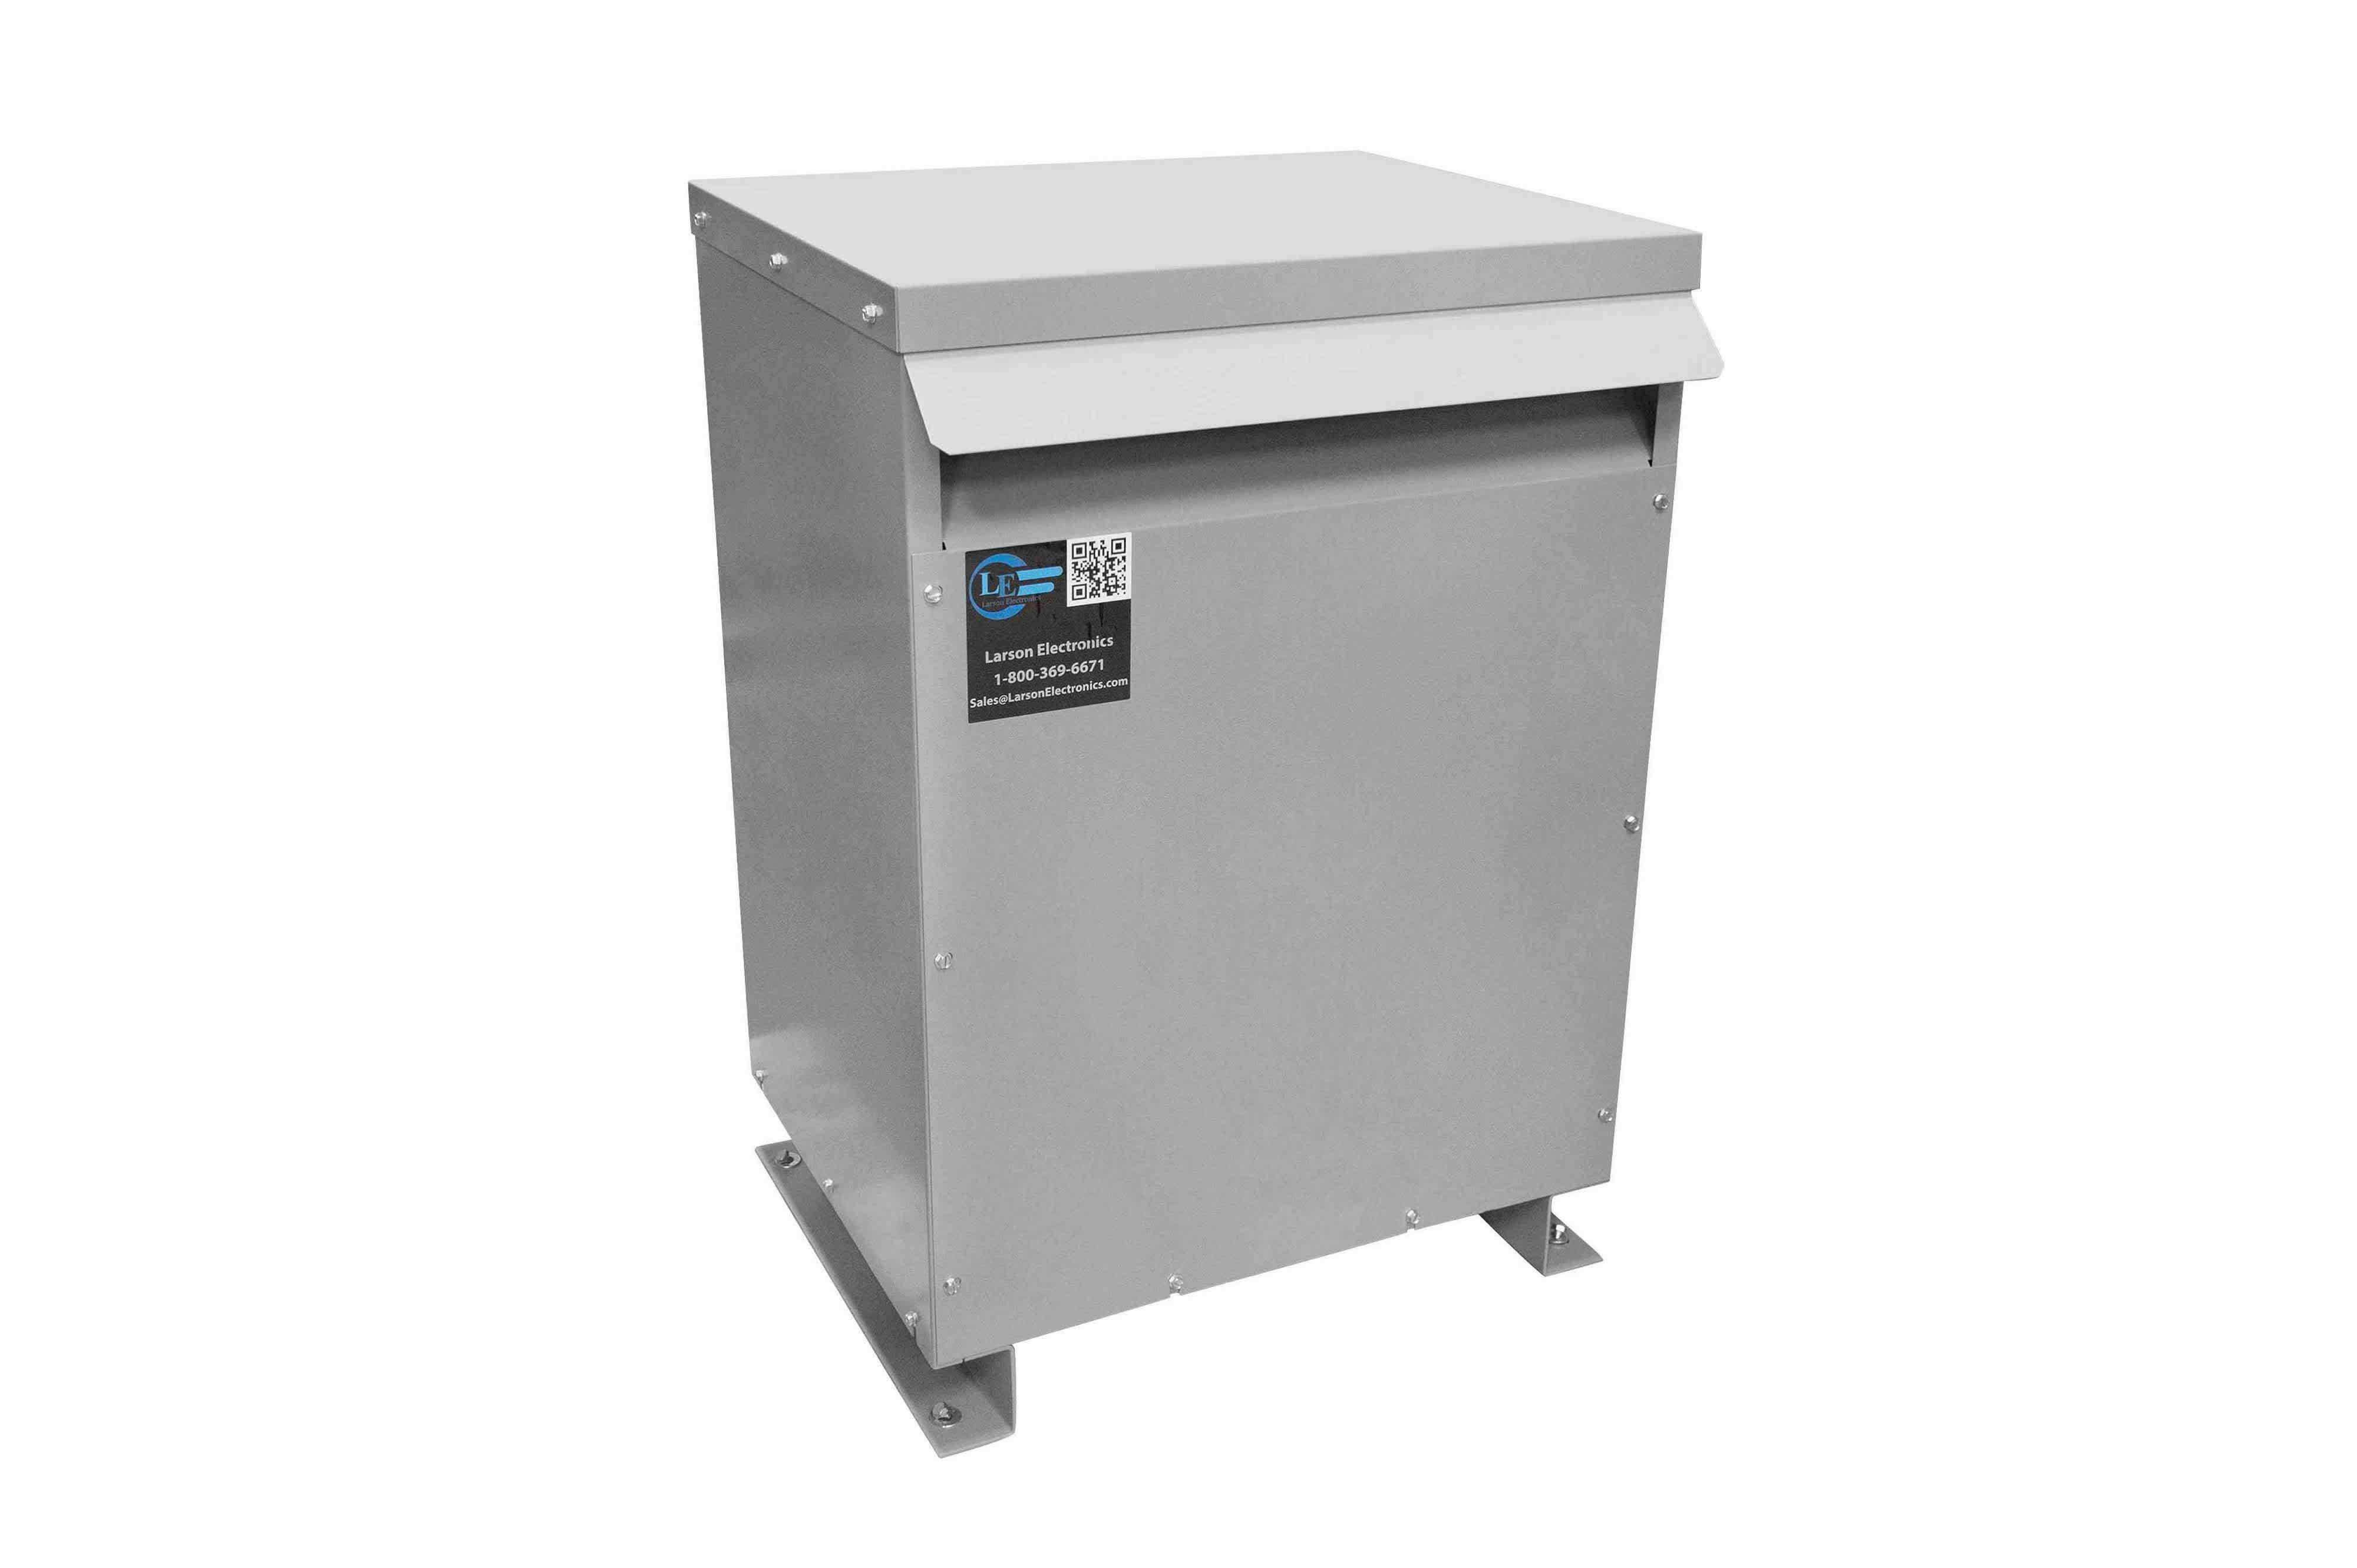 36 kVA 3PH Isolation Transformer, 480V Delta Primary, 208V Delta Secondary, N3R, Ventilated, 60 Hz